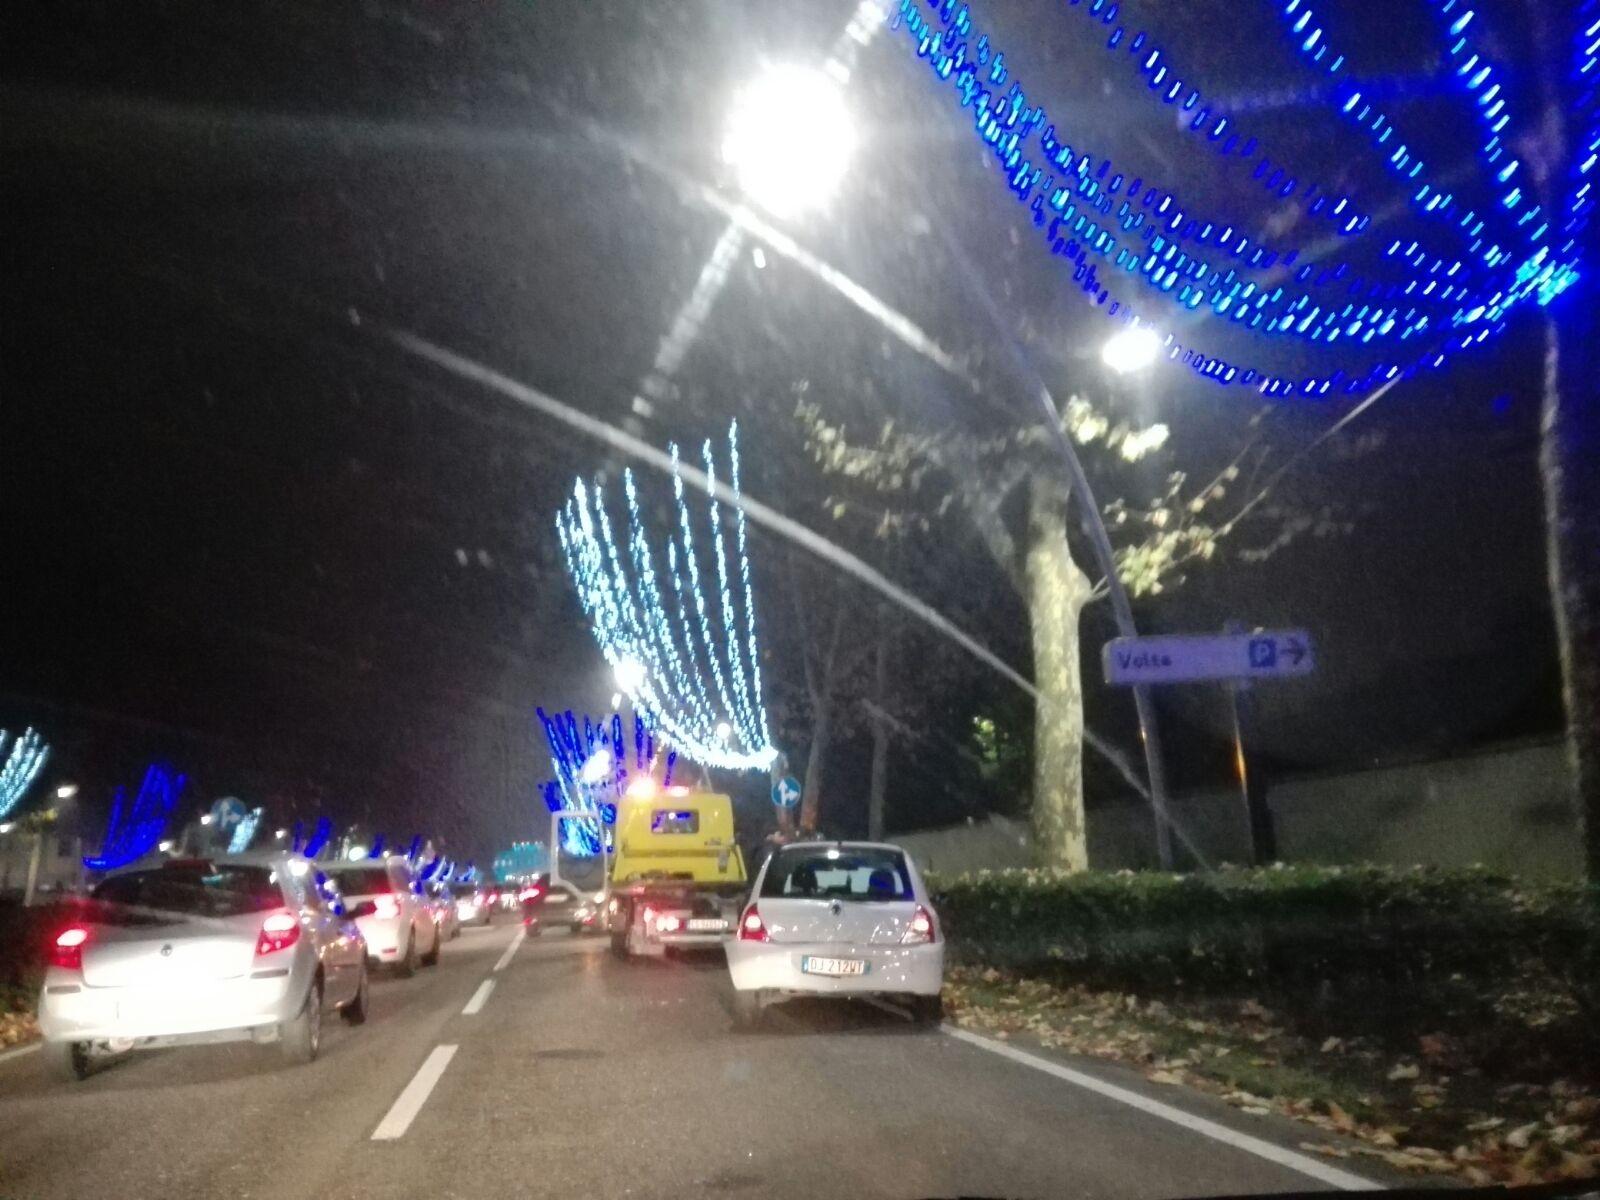 Natale luminoso, prove generali in Villa Reale